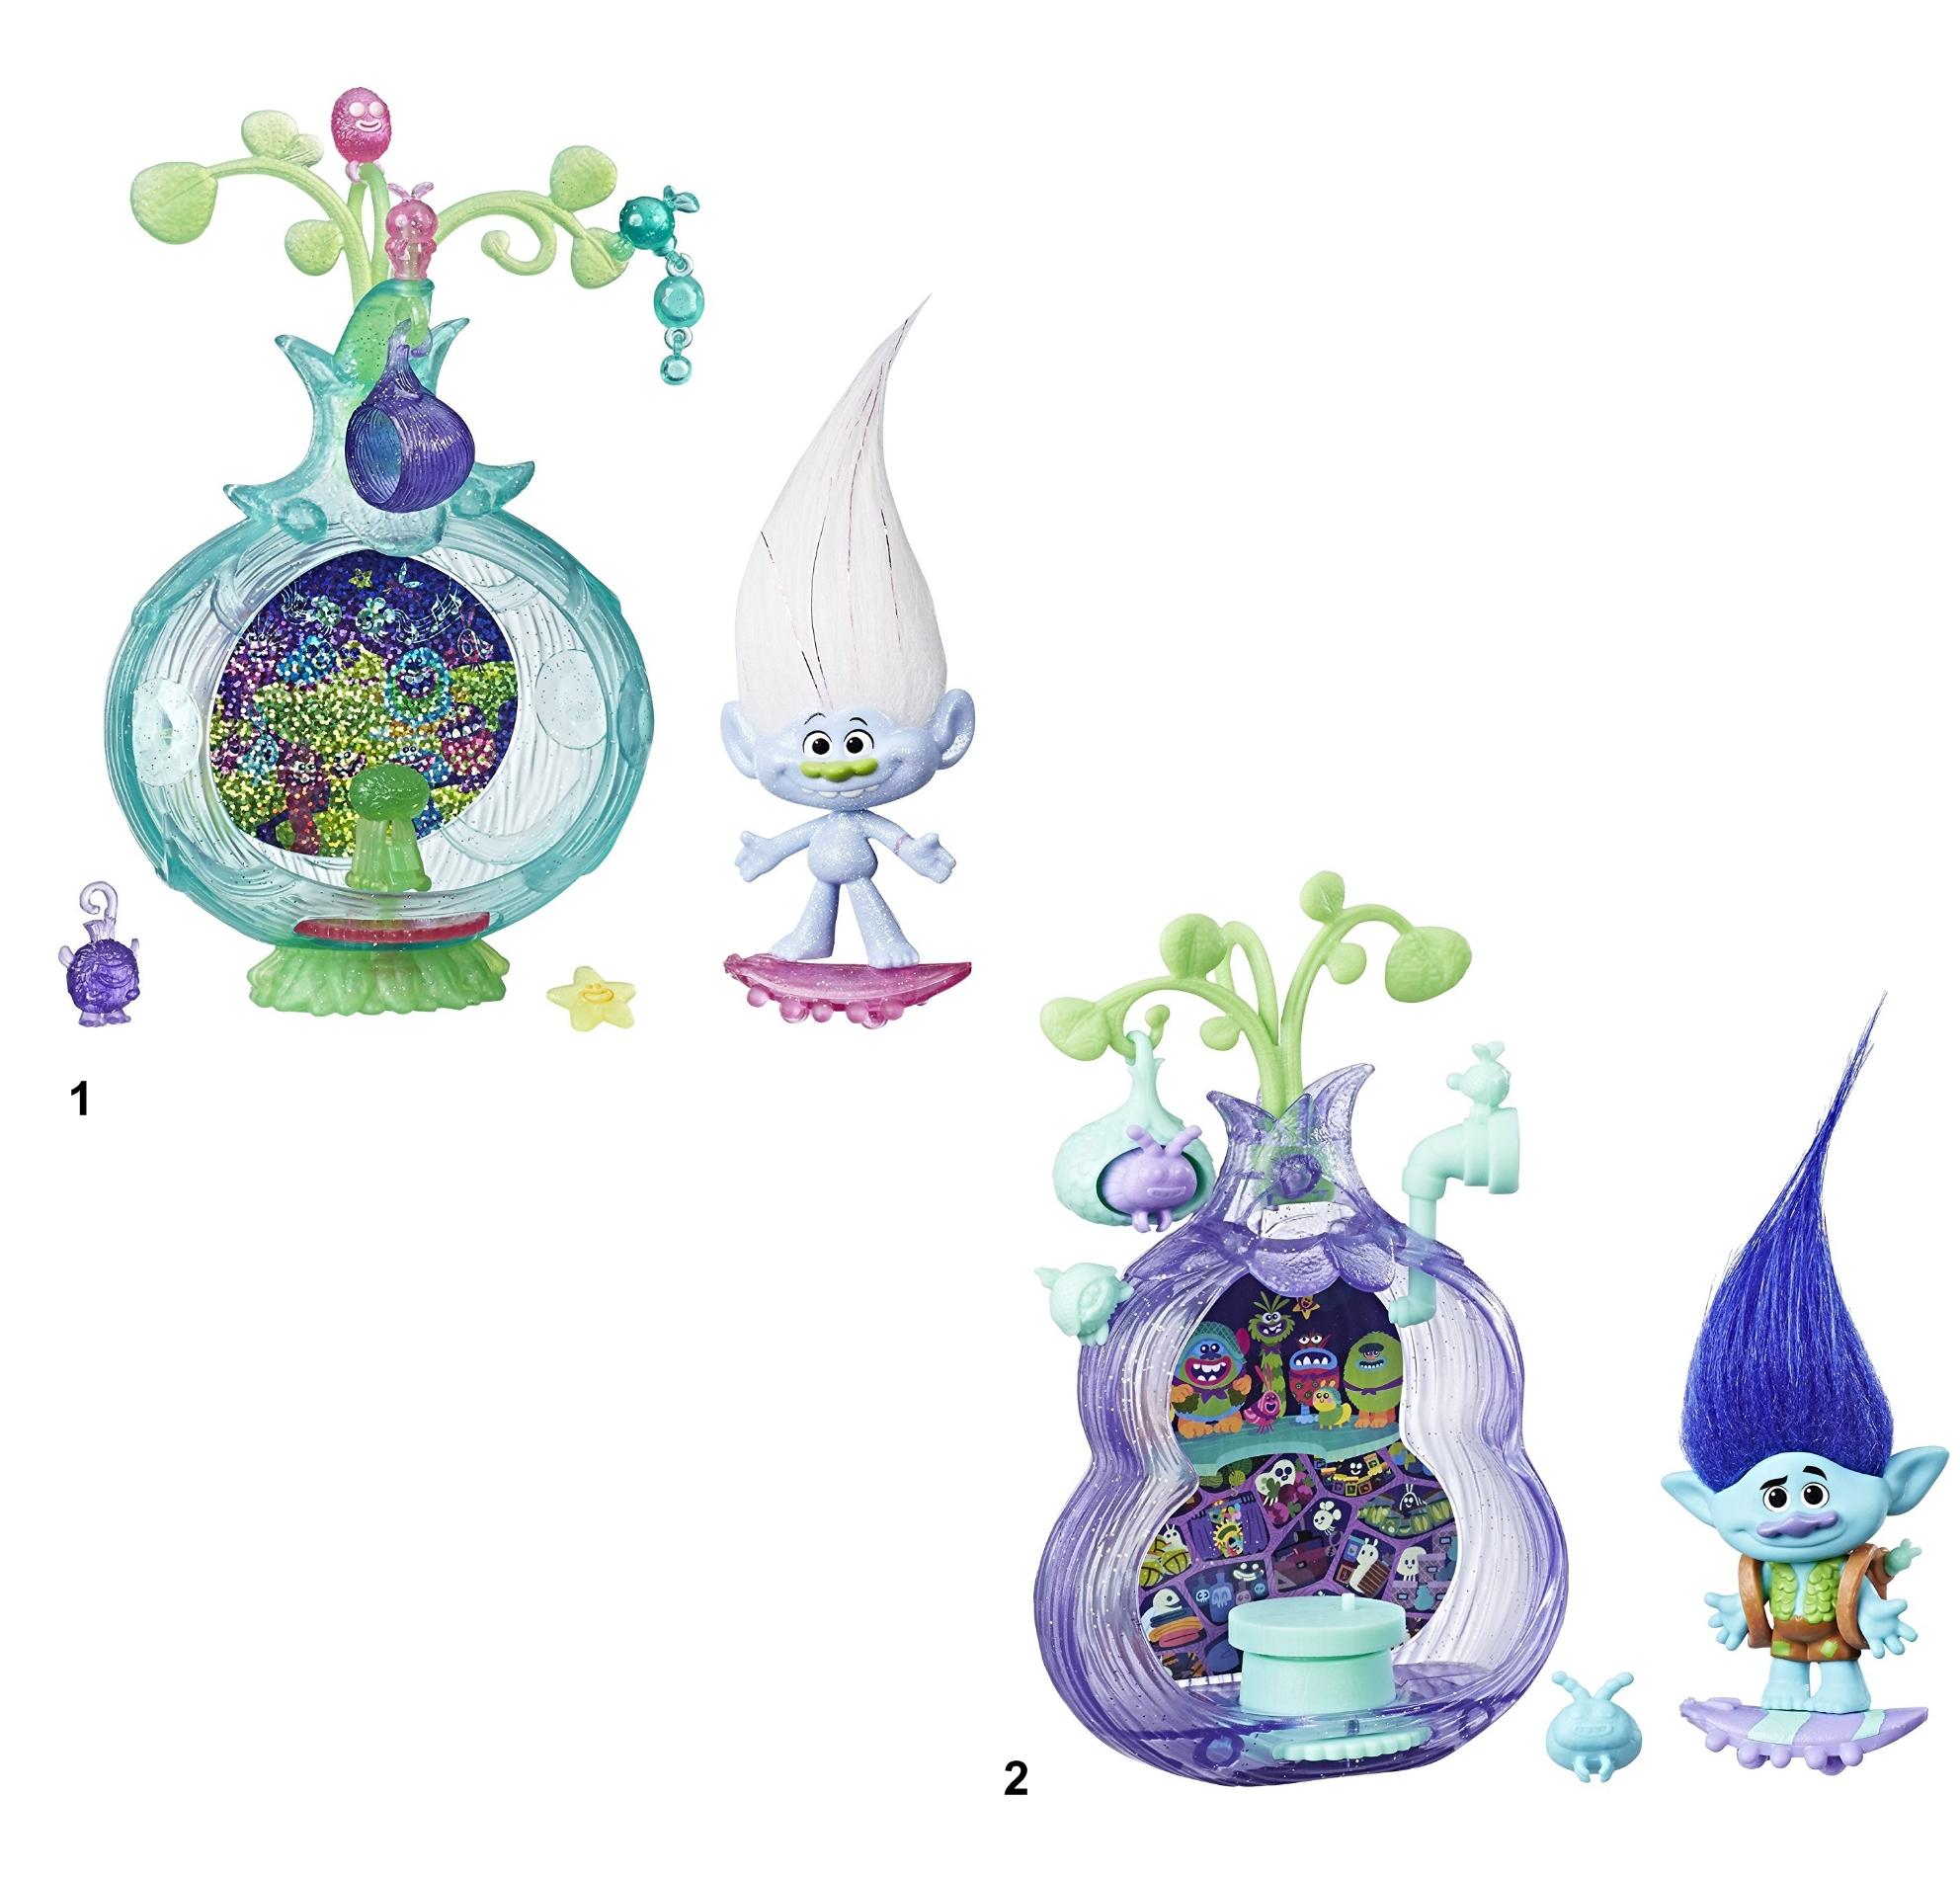 WatchCasesИгровой набор Тролли волшебный кокон из серии Trolls, 2 вида<br>